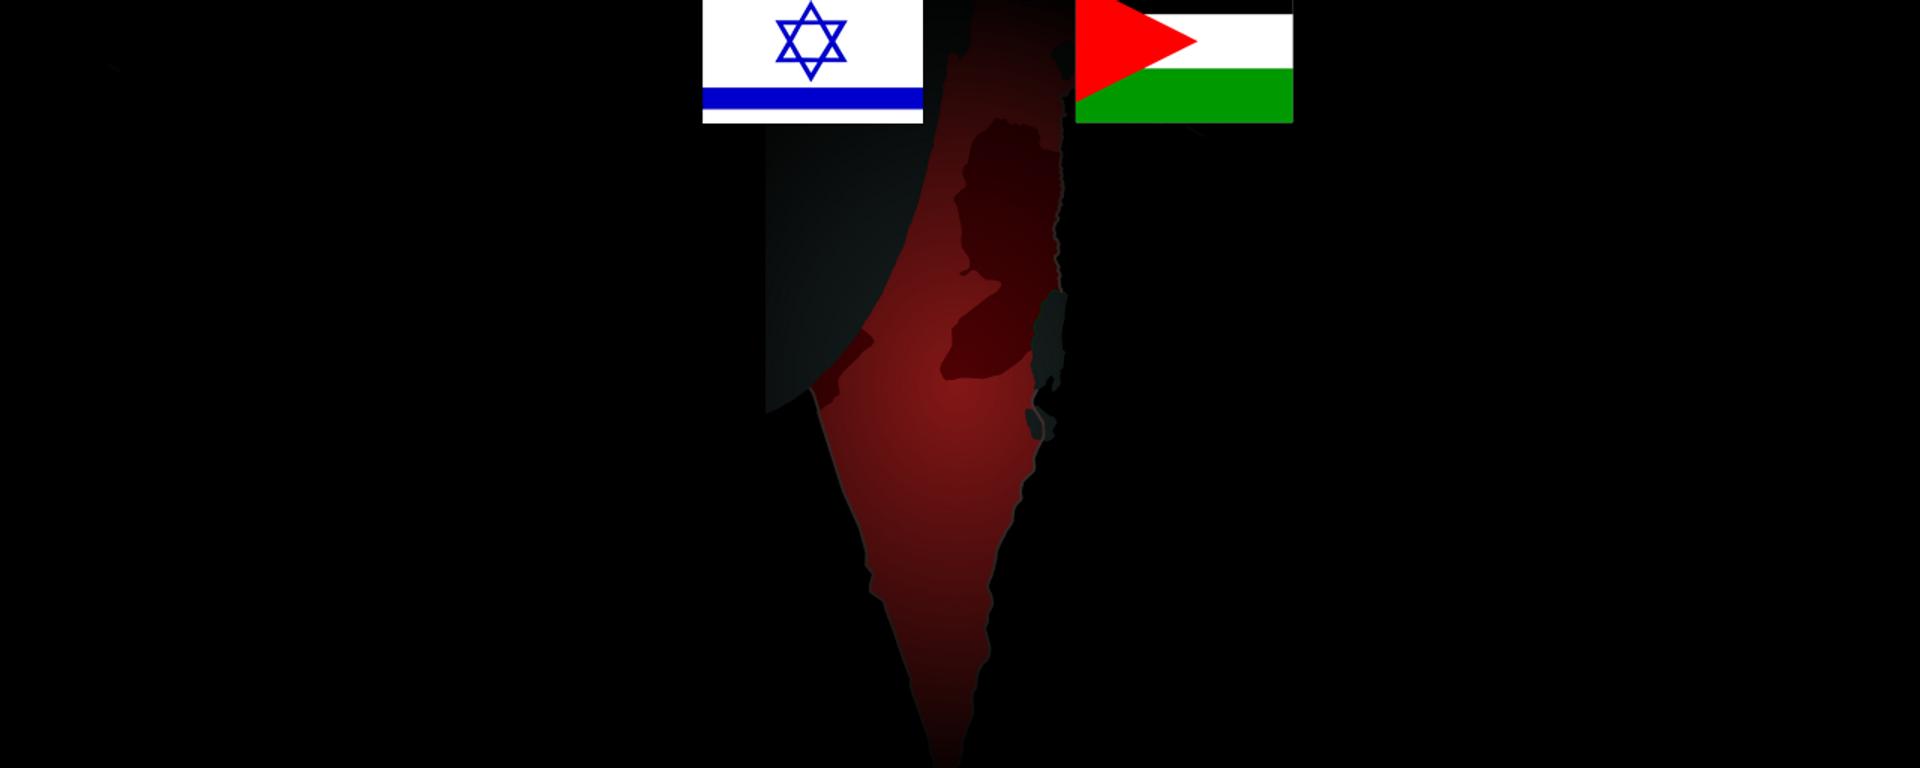 Víctimas y daños de la escalada entre Israel y Palestina del 2021 - Sputnik Mundo, 1920, 22.05.2021